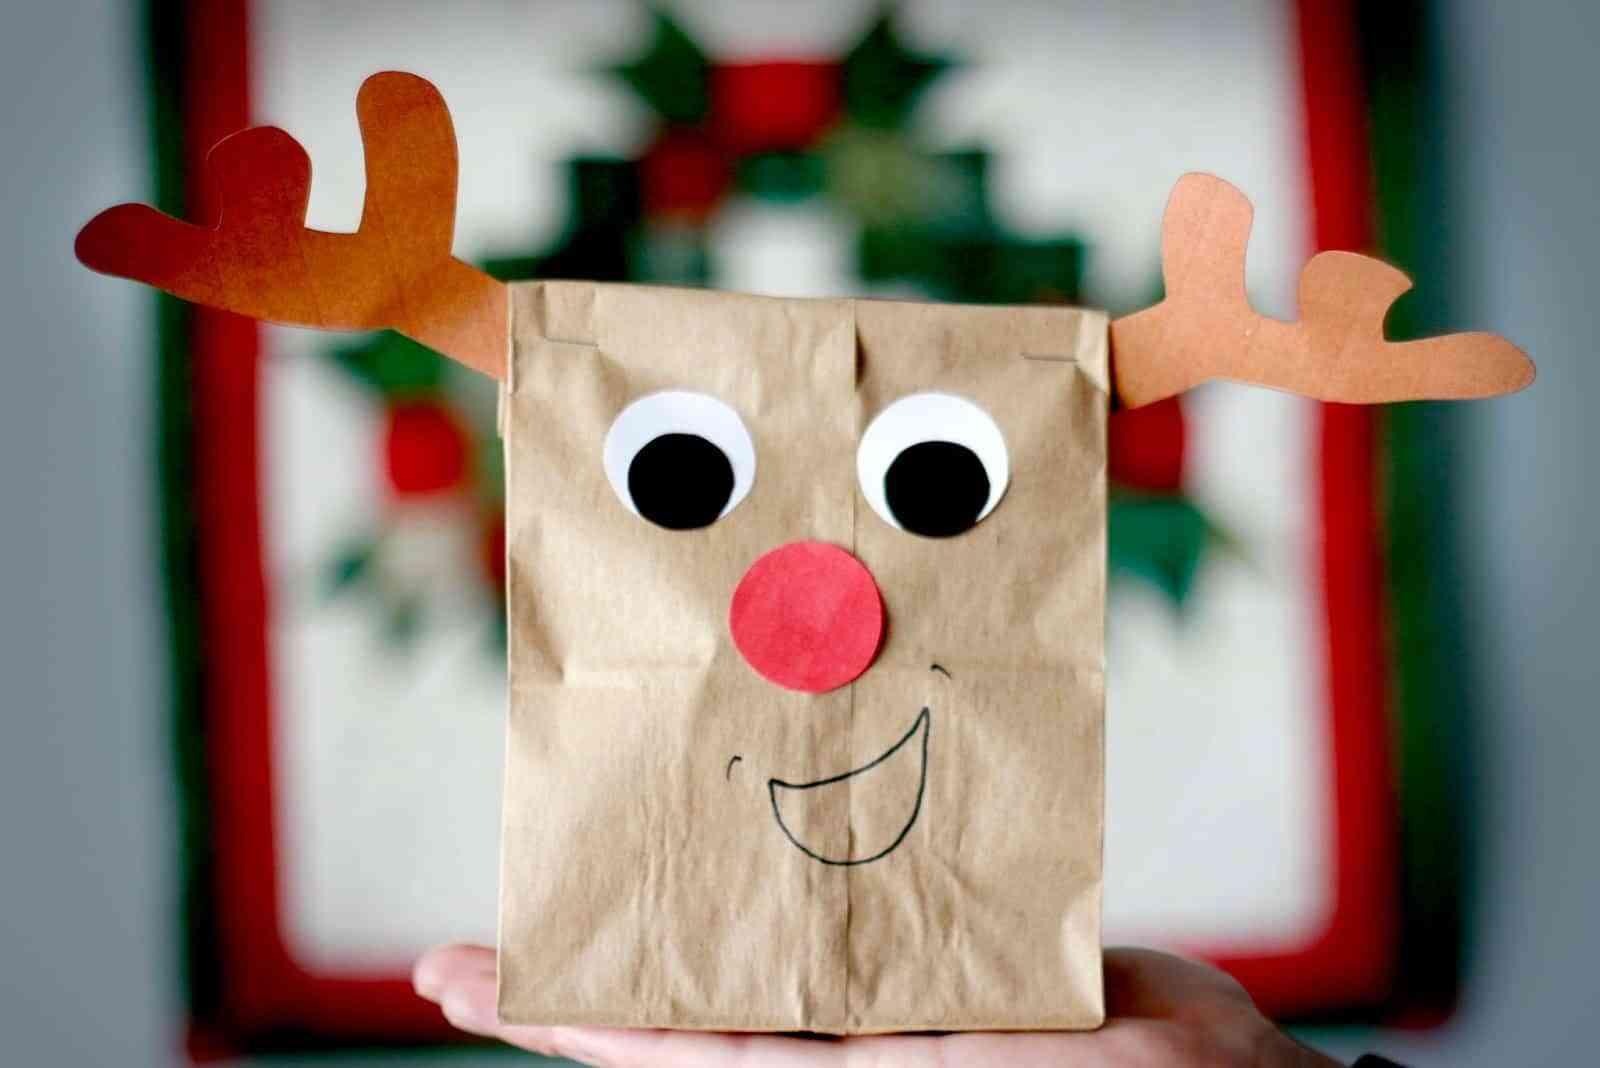 Manualidades y decoracin navidea para nios Lo pasarn en grande